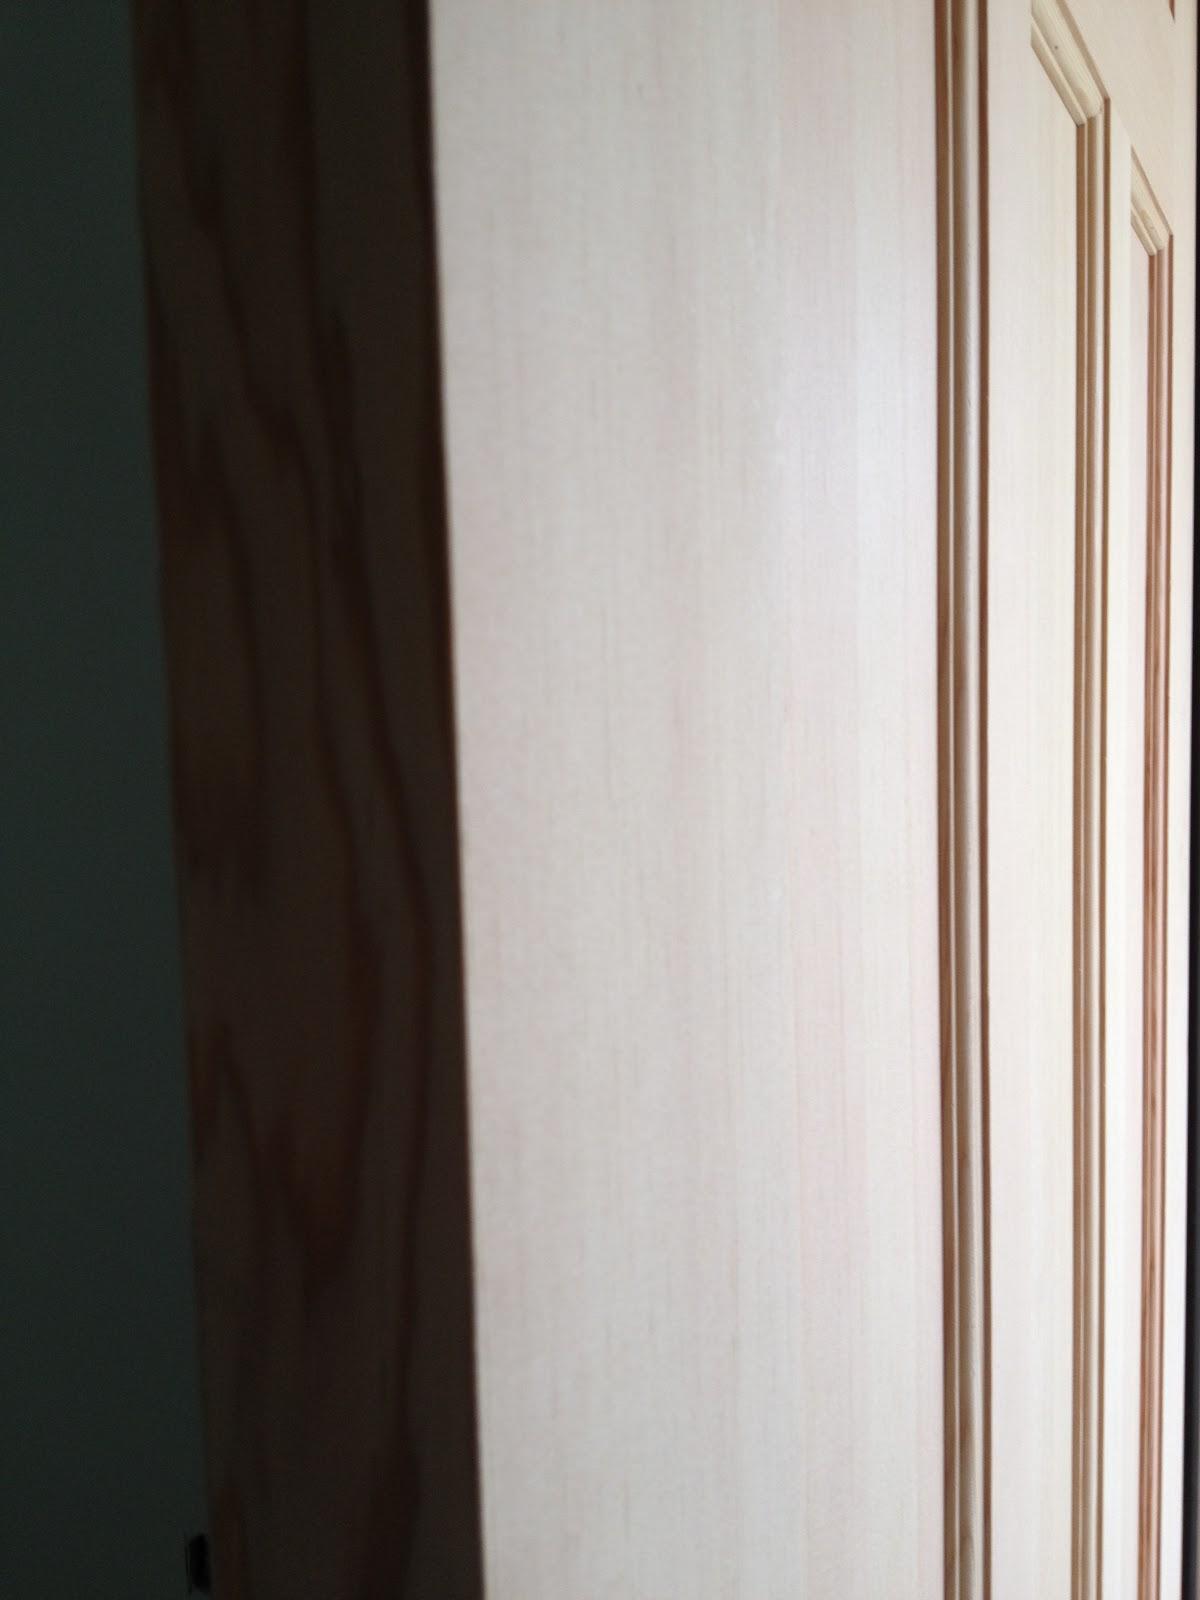 1600 #6C4833 Close Up Of Our Simpson Fir Door save image Simpson Fir Doors 41971200